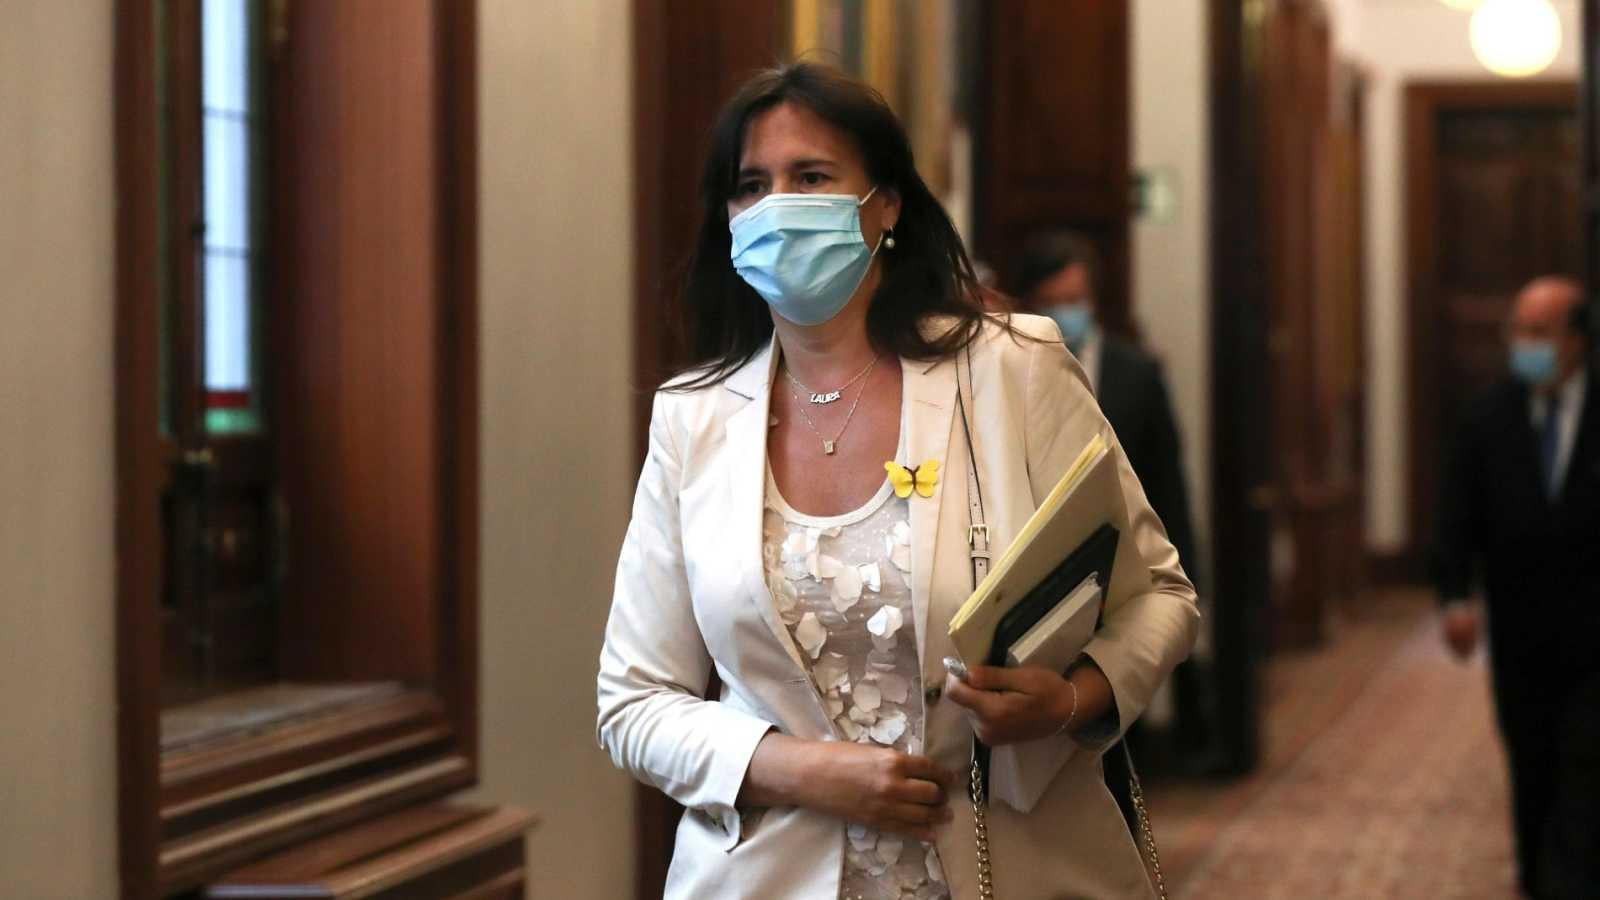 La diputada de JxCat, Laura Borrás, en el Congreso de los Diputados